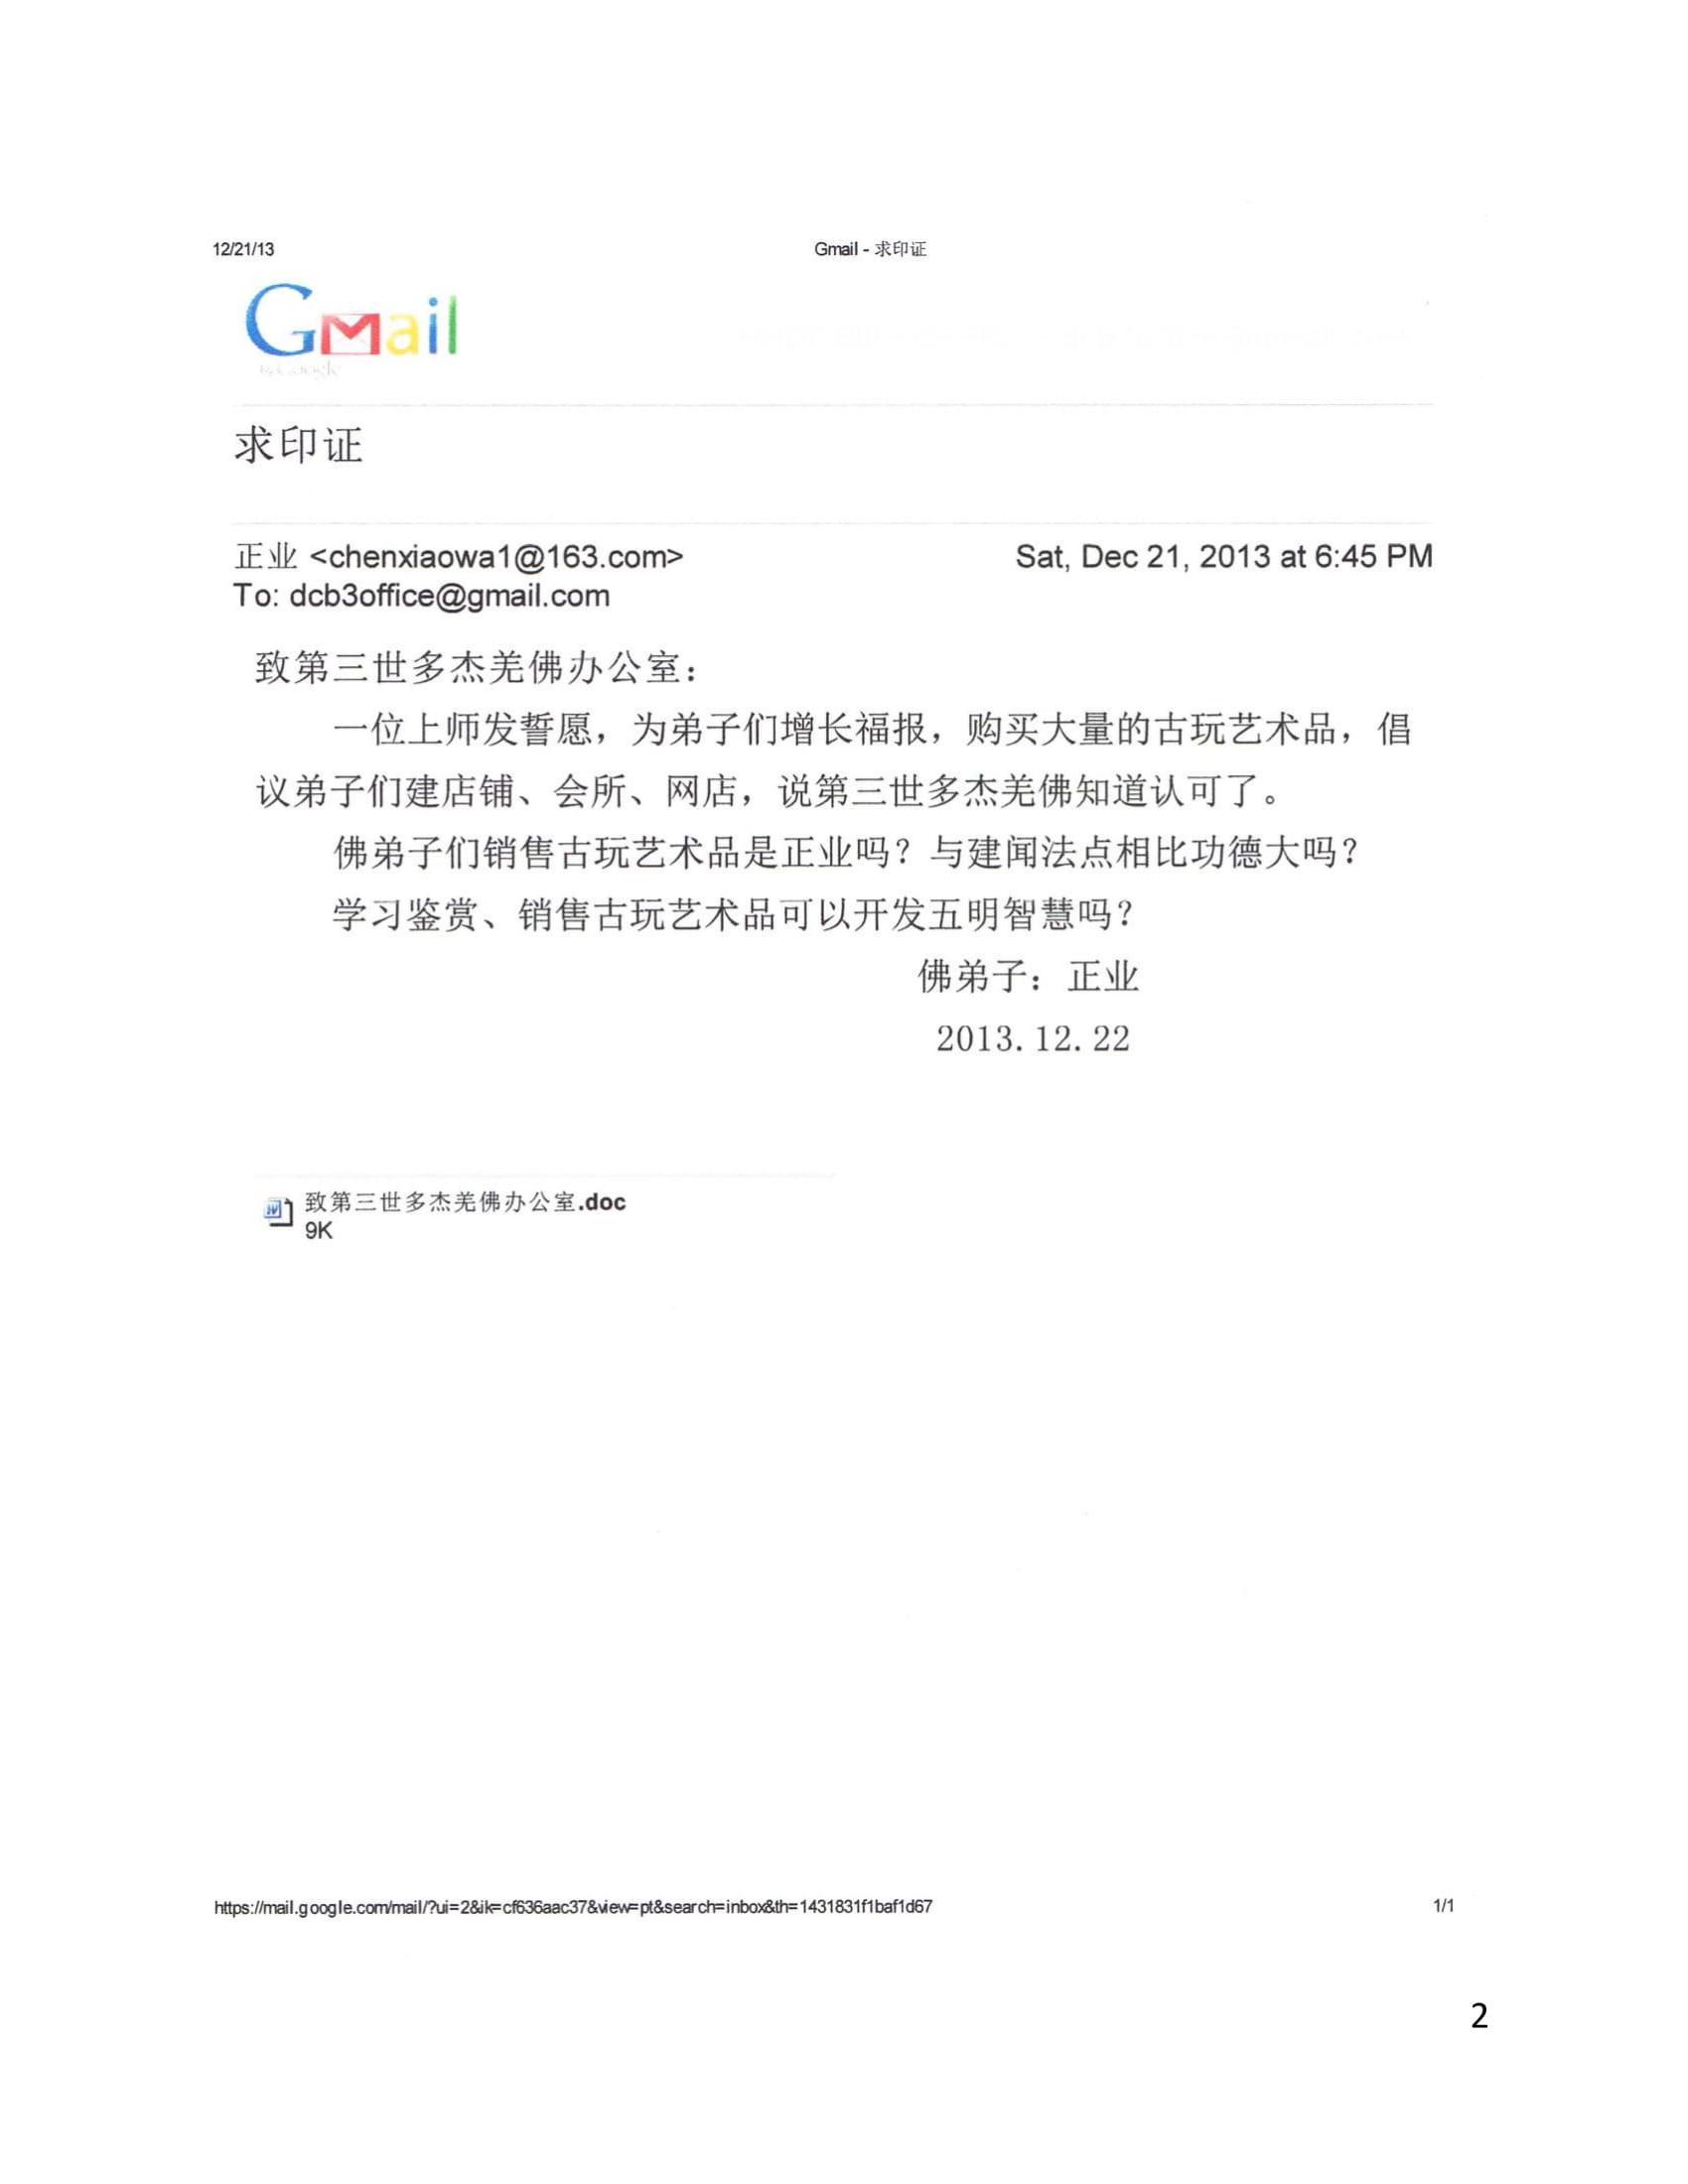 第三世多杰羌佛辦公室第五號來函印證-向辦公室請求印證的來信原文